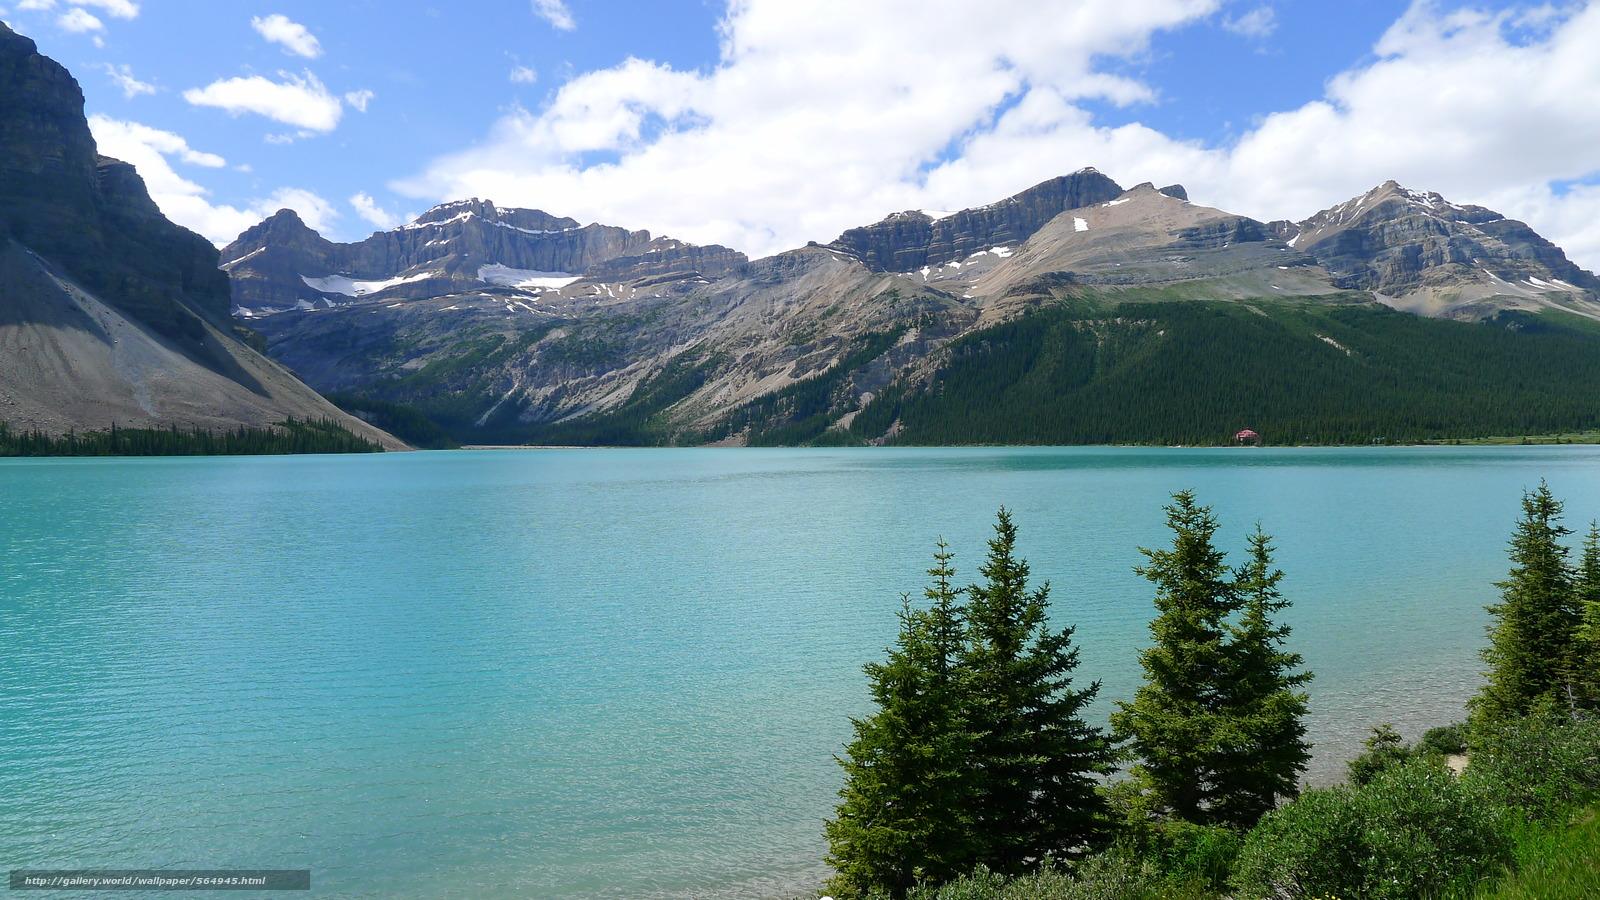 Скачать обои озеро,  горы,  деревья,  пейзаж бесплатно для рабочего стола в разрешении 3968x2232 — картинка №564945